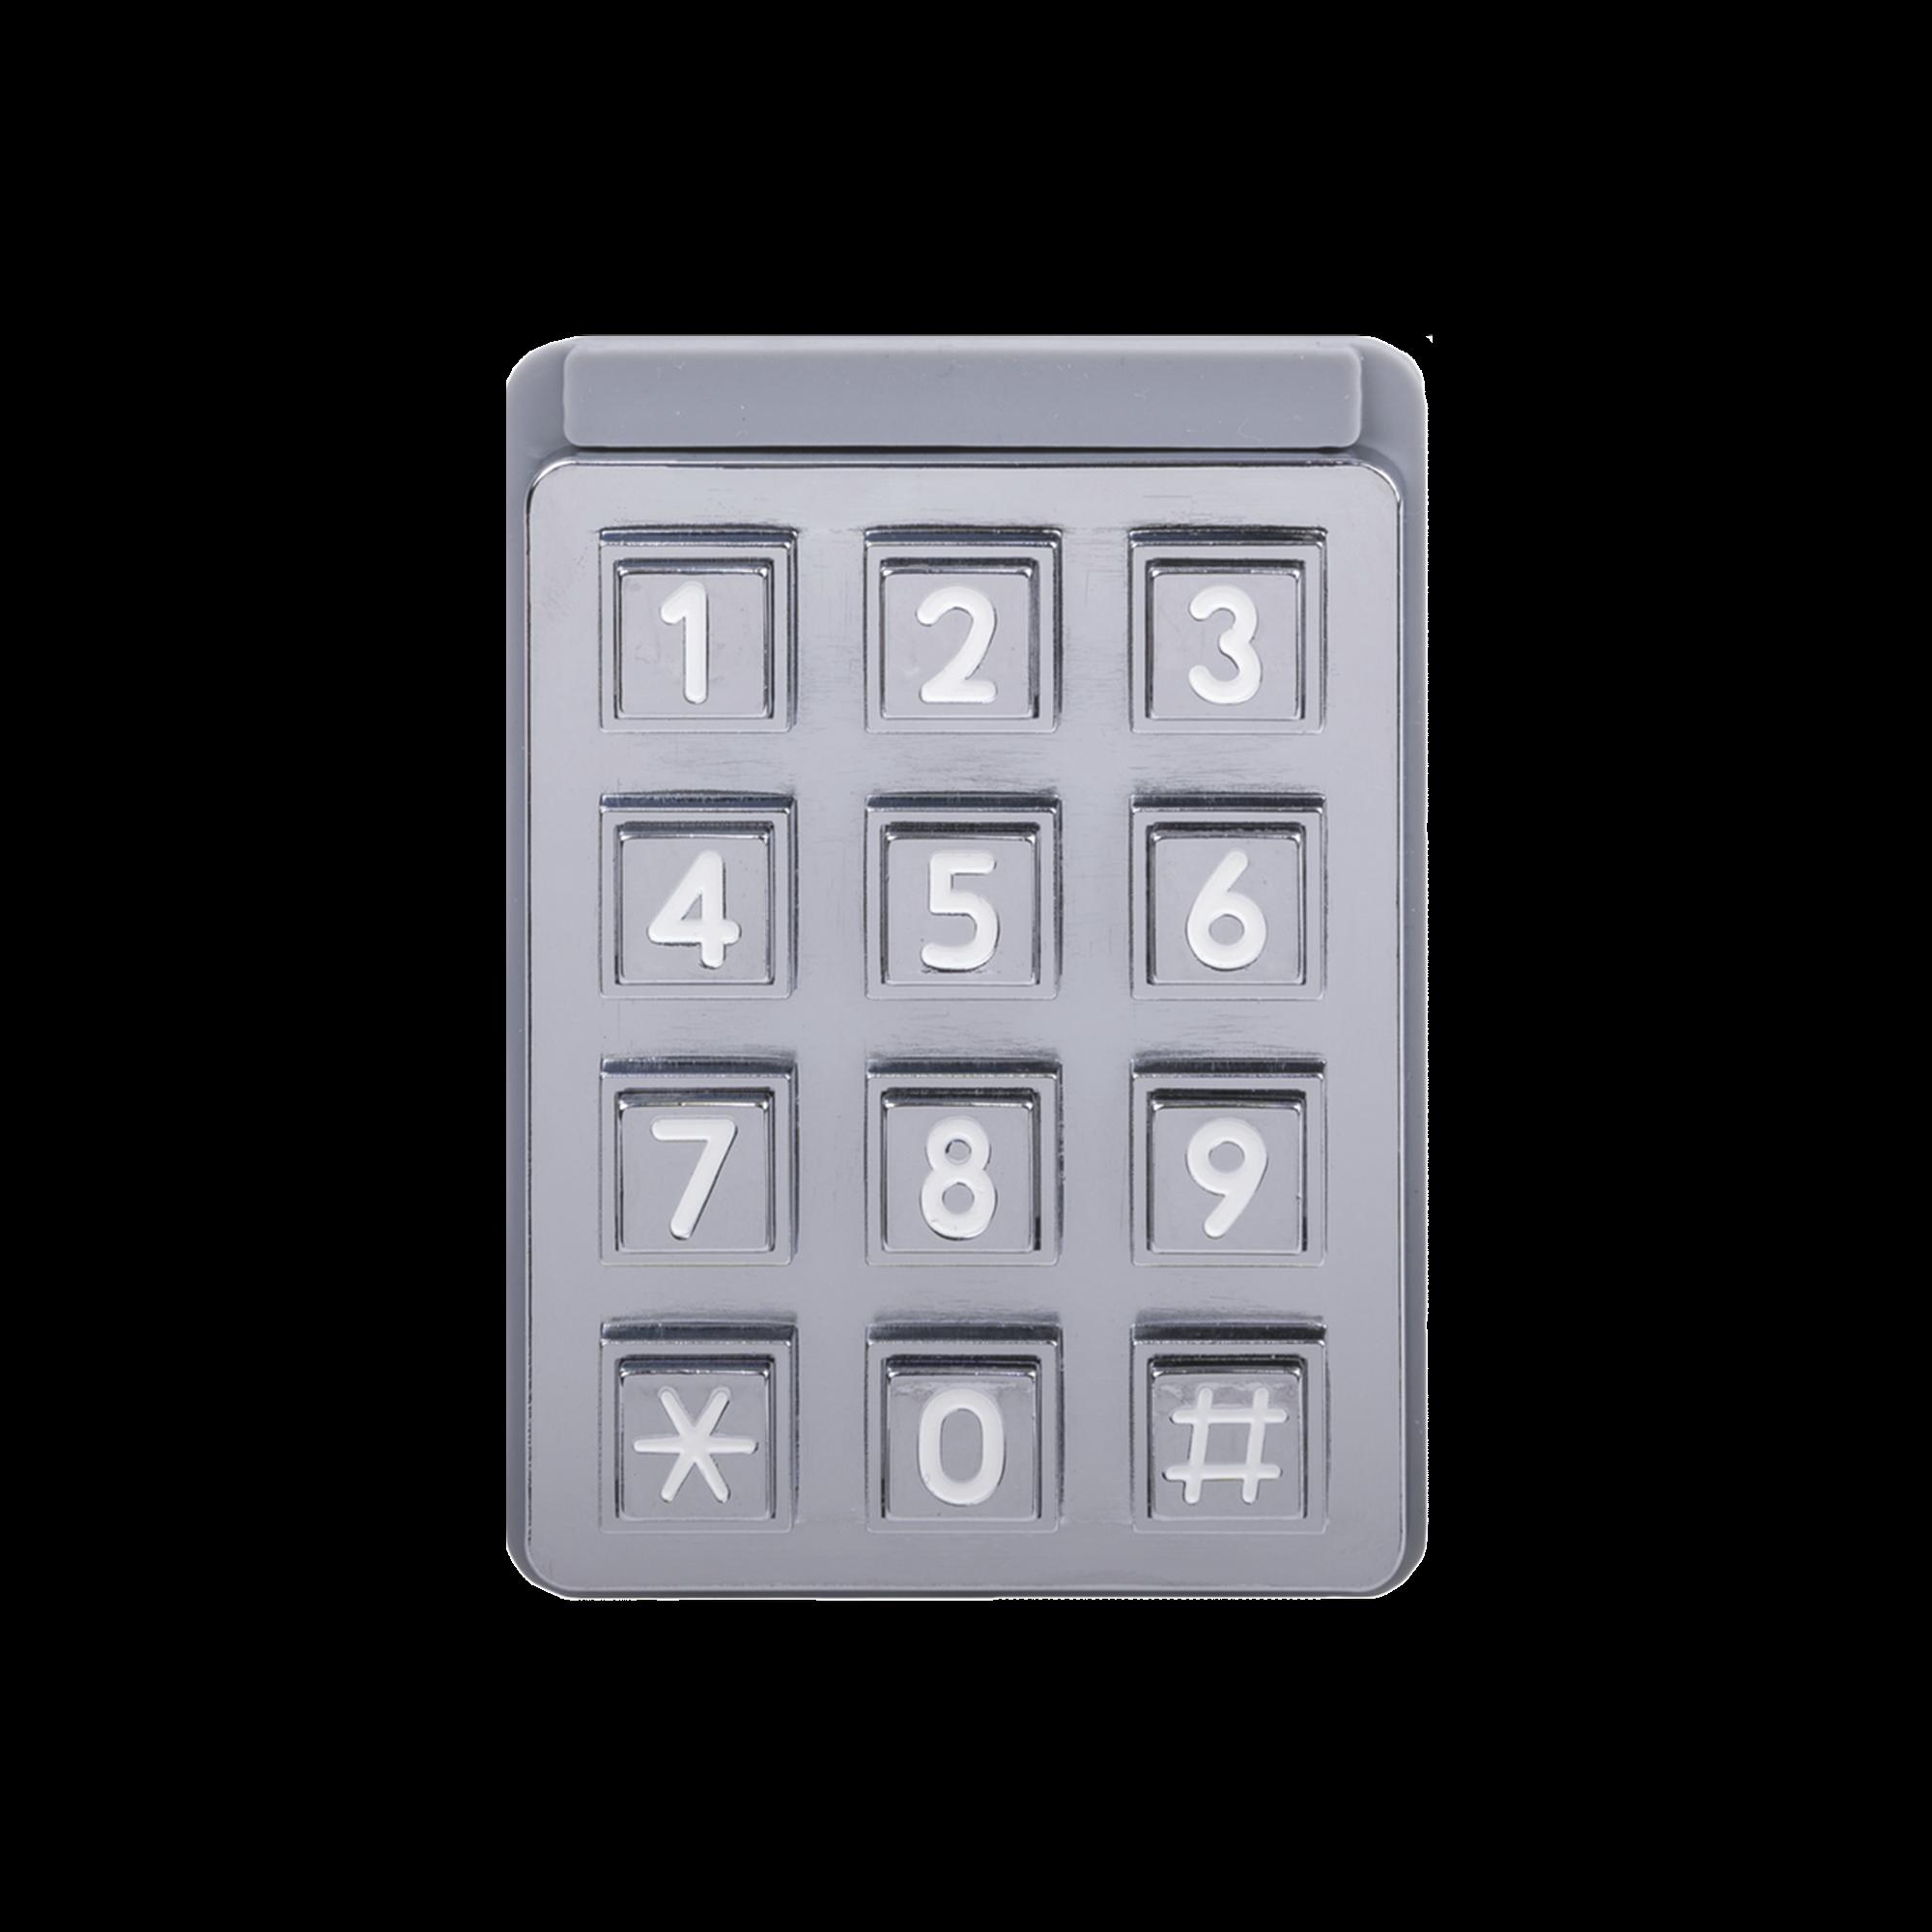 Teclado iluminado para porteros telefónicos DKS / Compatible con porteros 1802-090